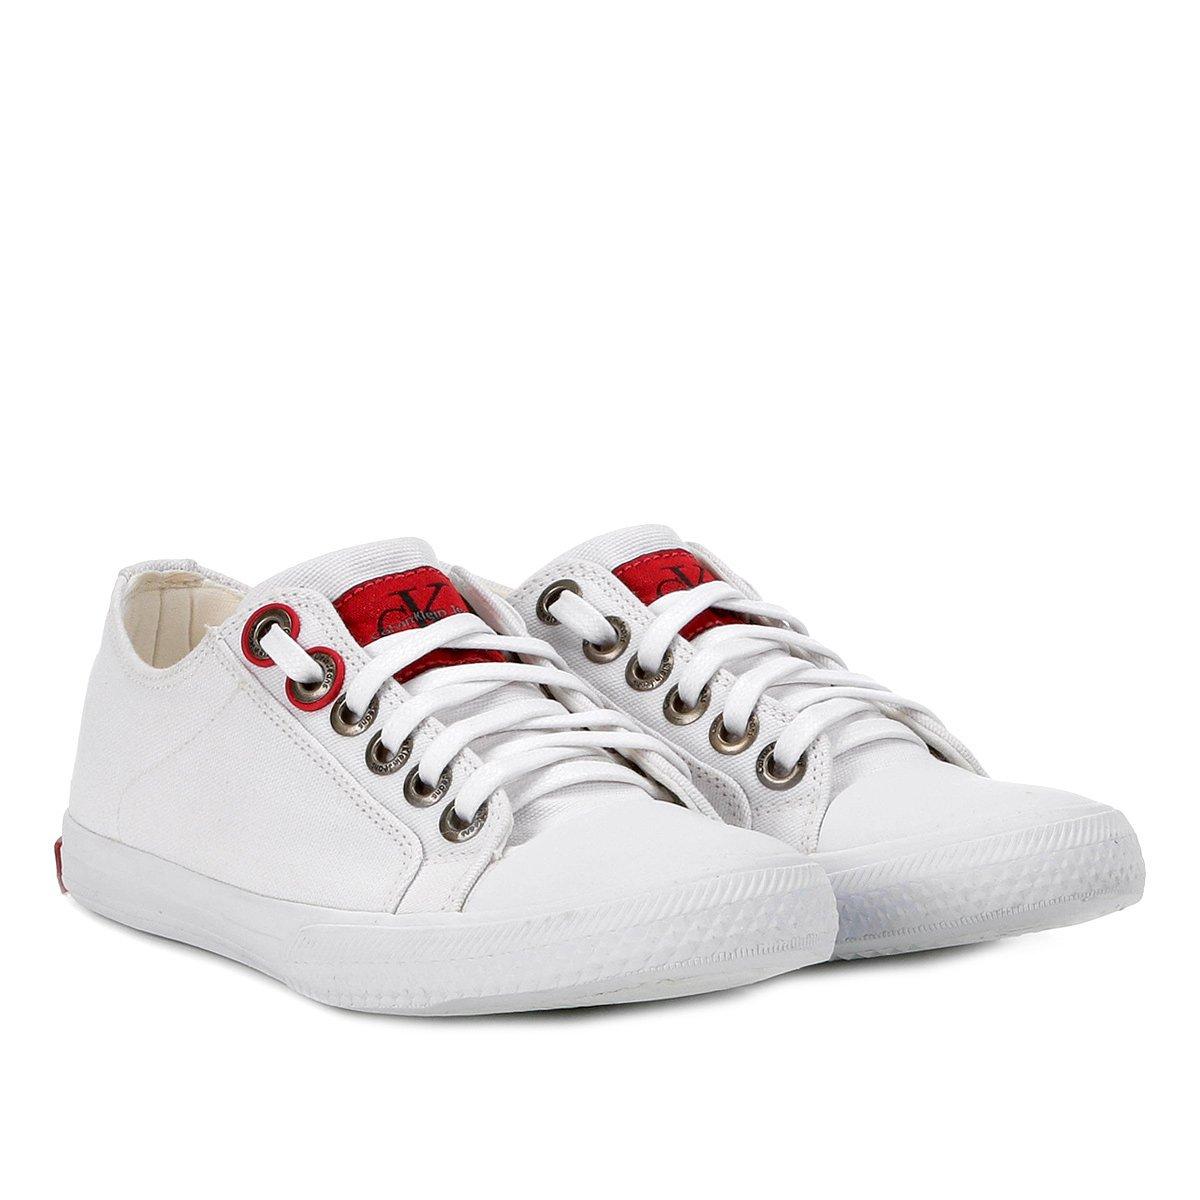 1426d751a68c8 Tênis Calvin Klein Lona Masculino - Branco - Compre Agora